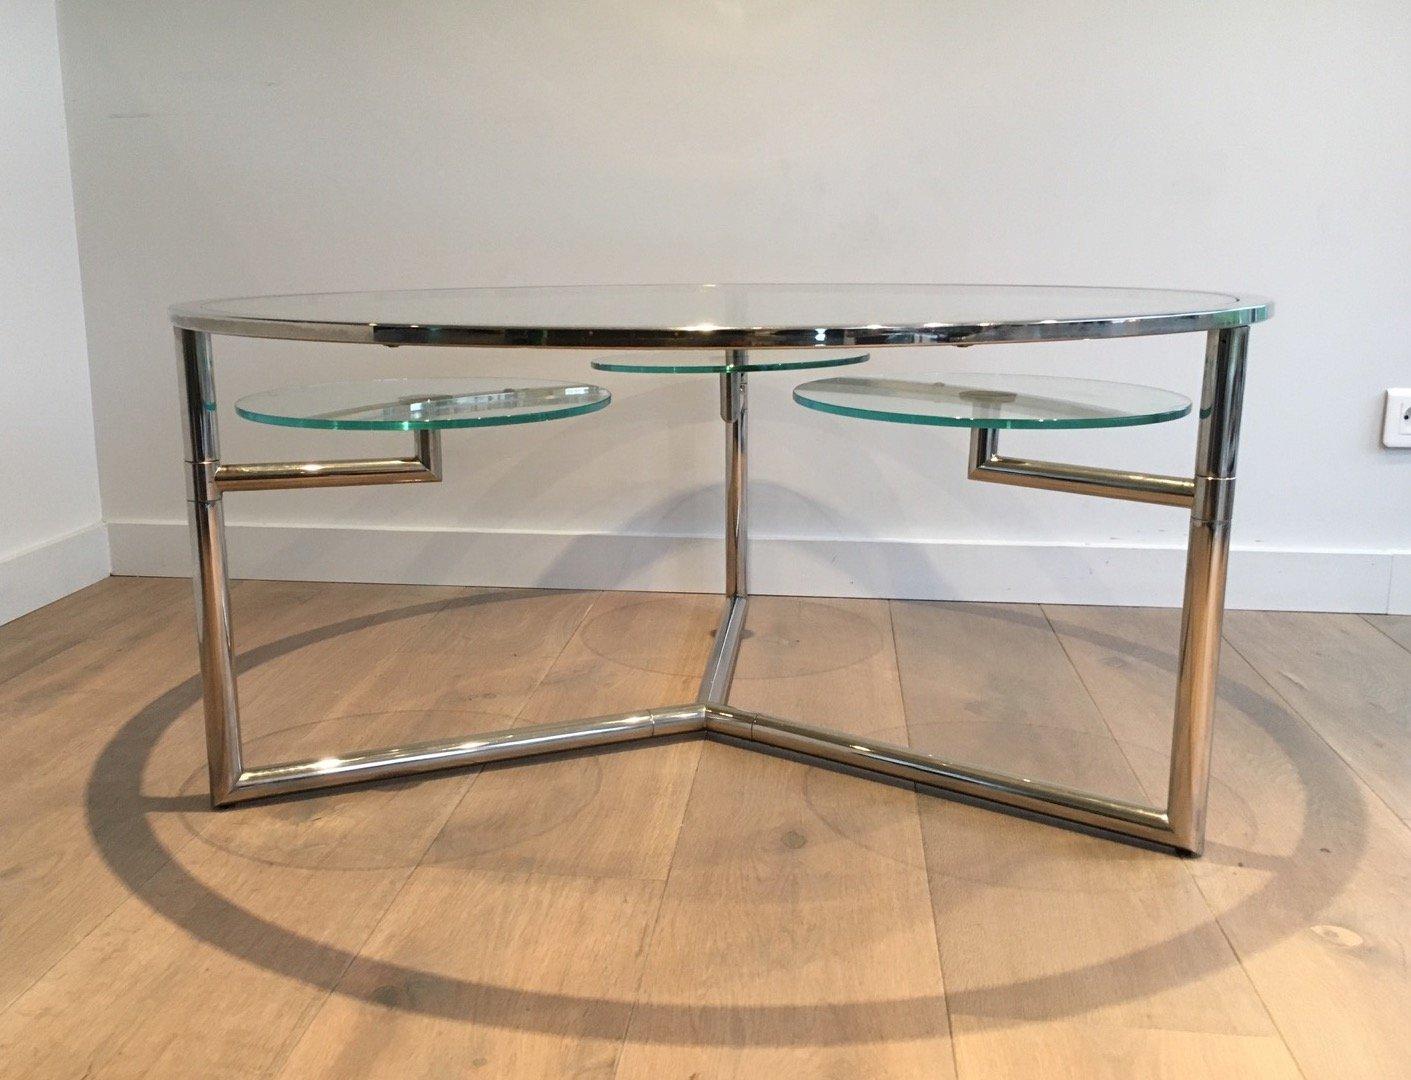 table basse ronde avec plateaux amovibles en verre 1970s. Black Bedroom Furniture Sets. Home Design Ideas